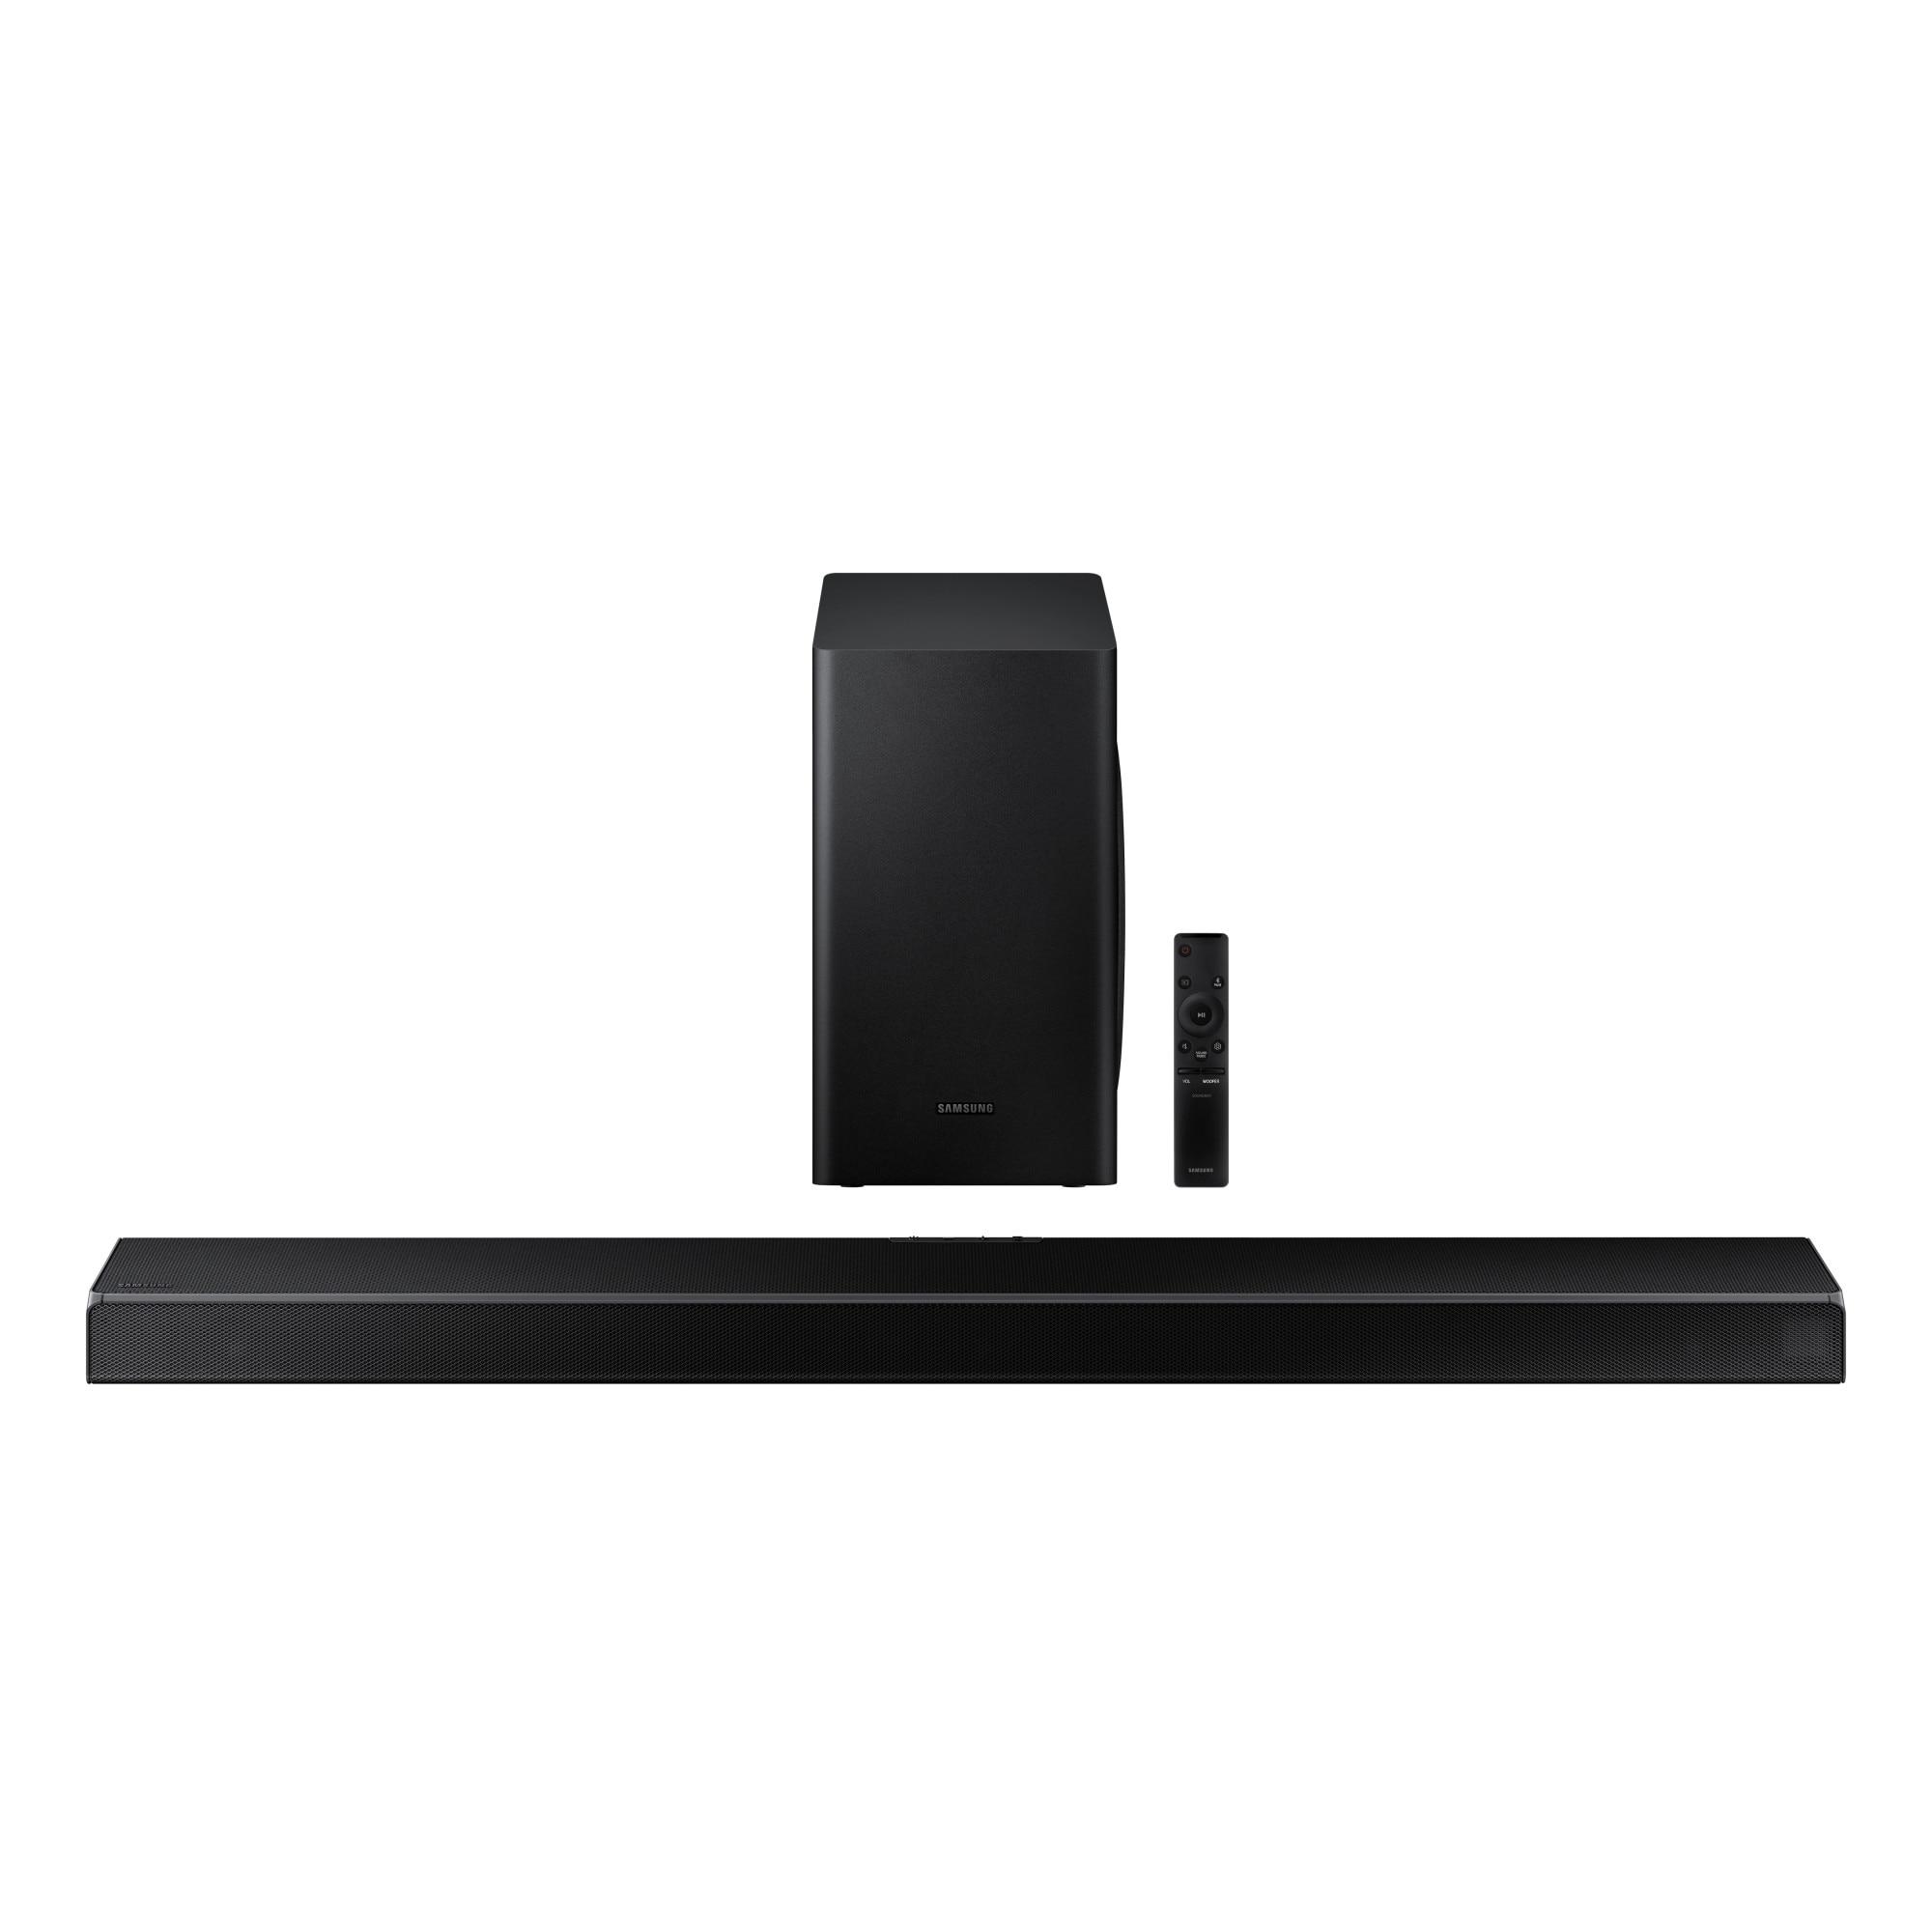 Fotografie Soundbar Samsung HW-Q60T, 5.1, 360W, Wireless, Dolby, DTS, Negru